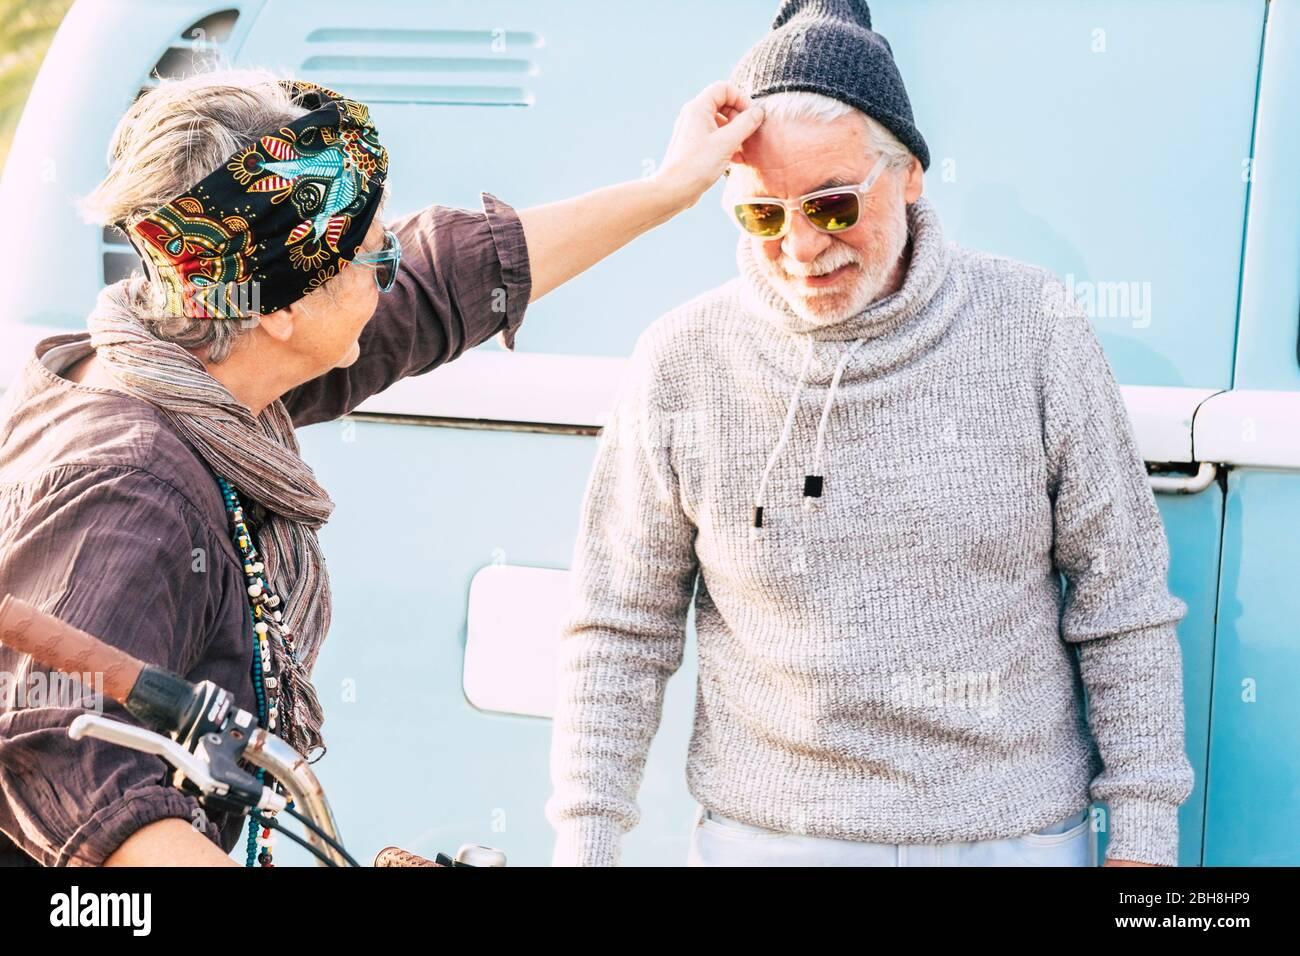 Pensionato felice gente concetto di viaggiatore - uomo e donna matura caucasica si prendono cura di se stessi e godere la coppia - vita reale stile di vita attività di svago all'aperto Foto Stock